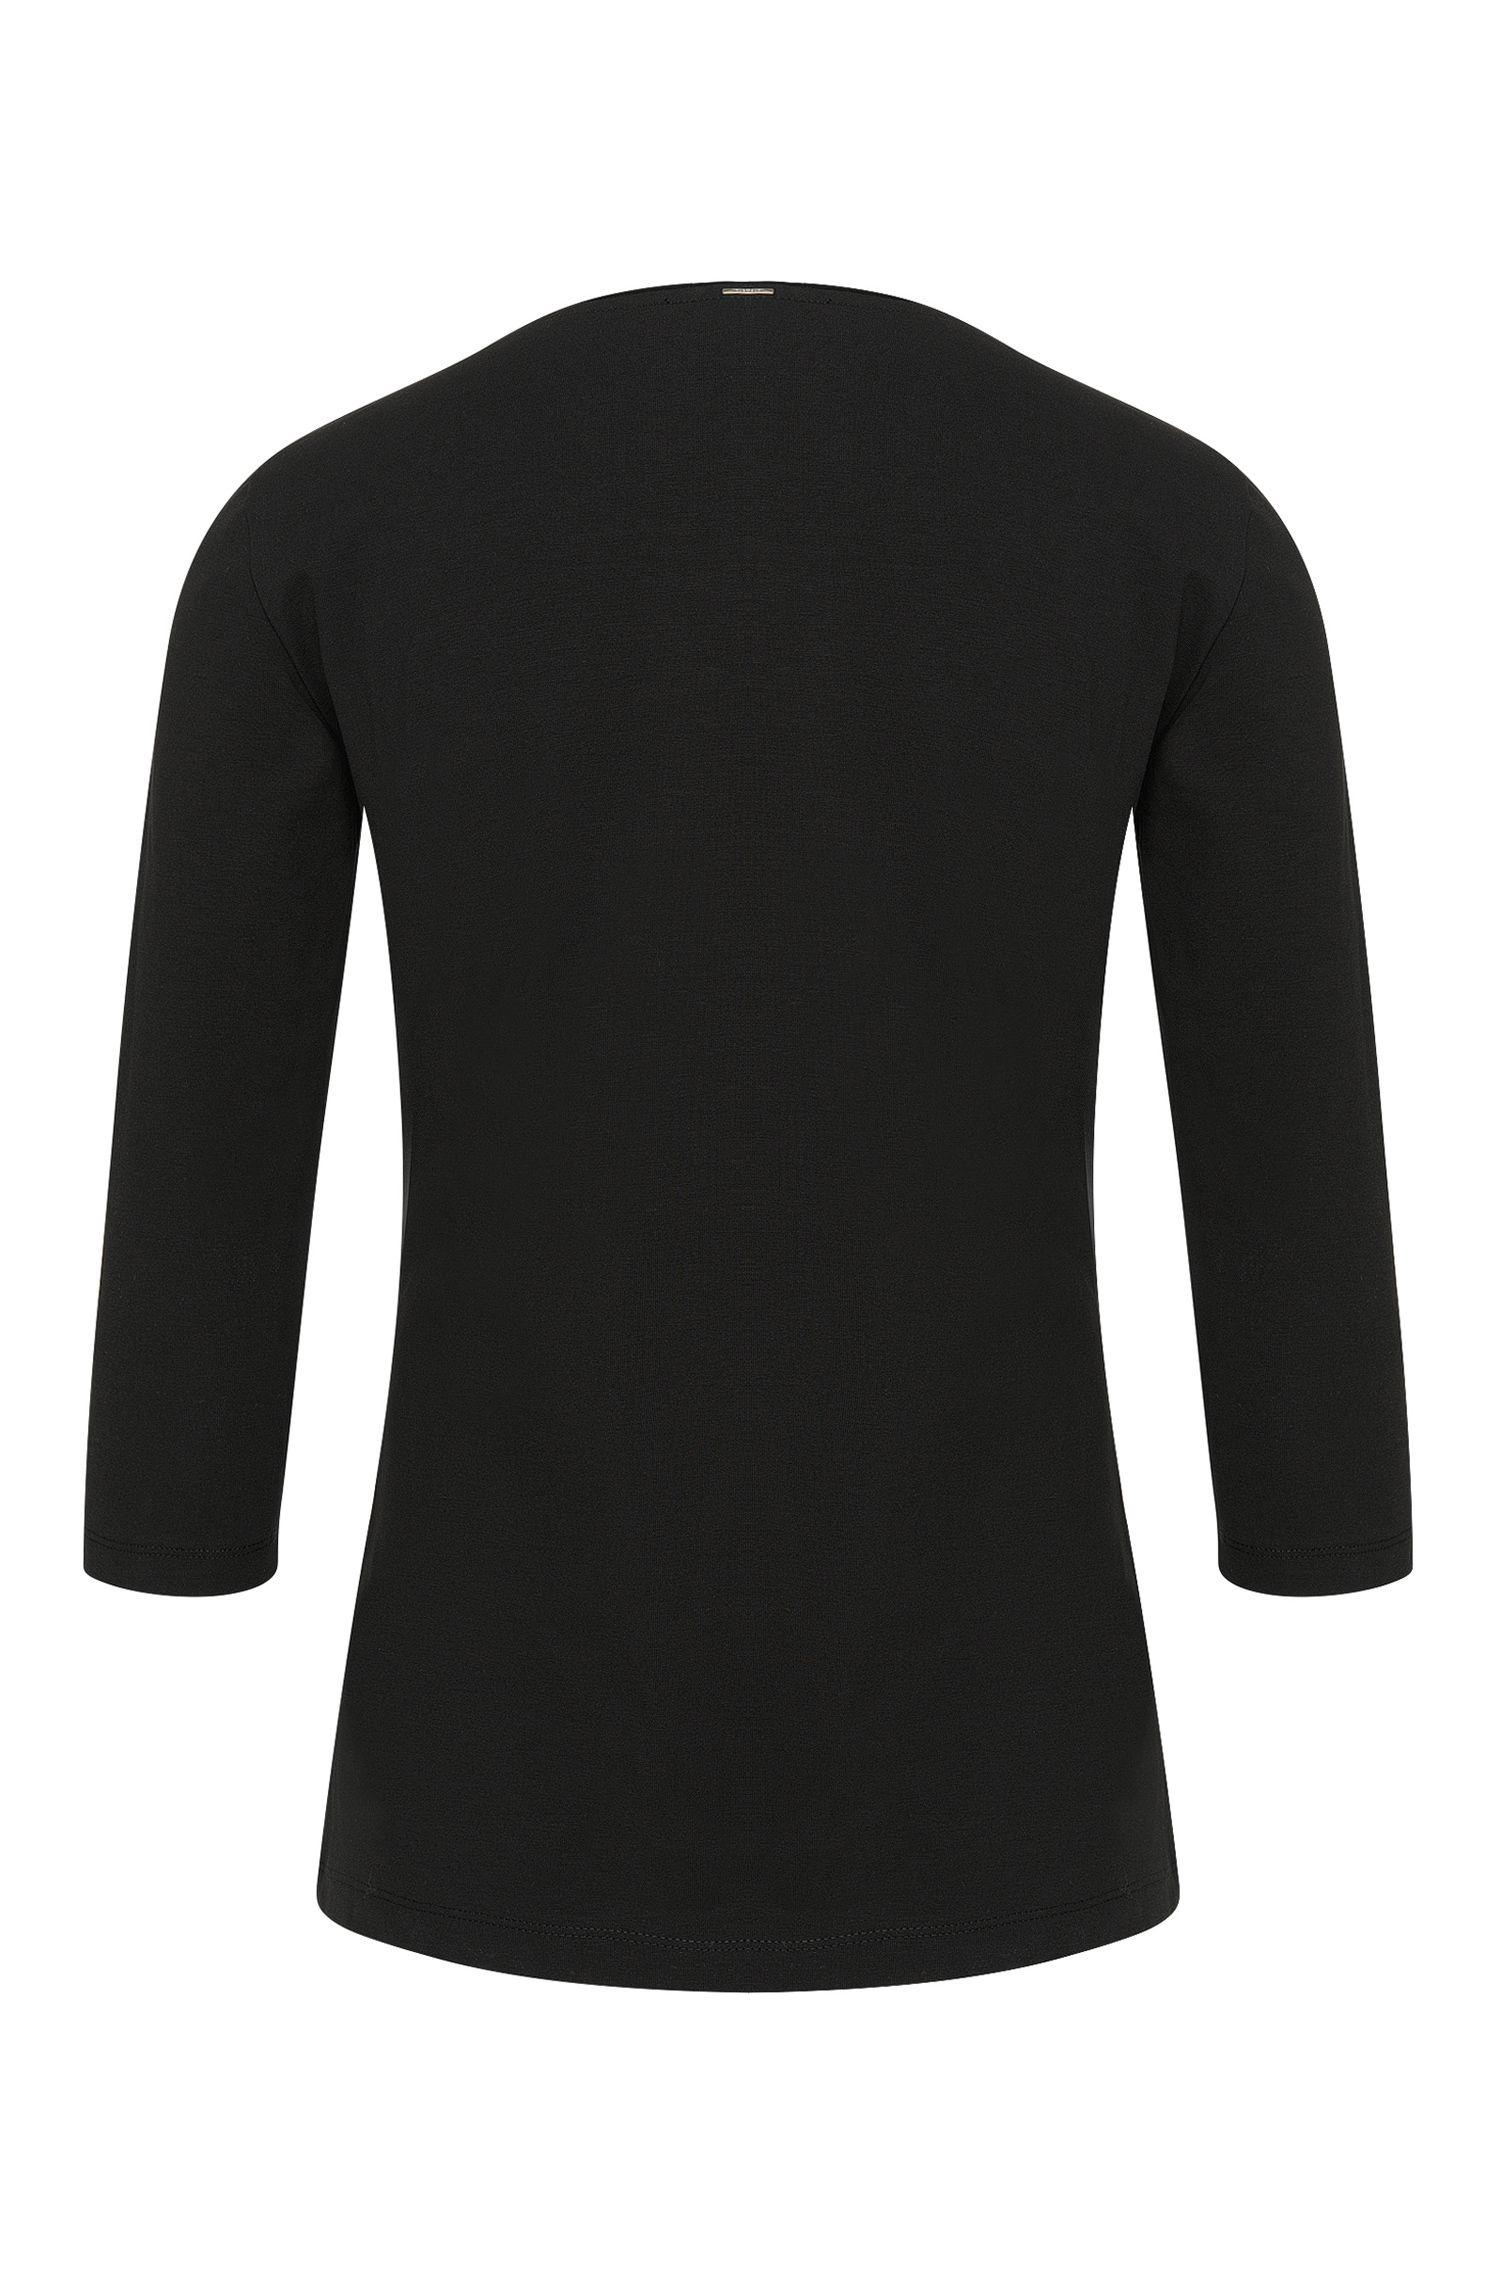 Leicht tailliertes Shirt aus Stretch-Baumwolle mit Seidenblende: 'Emmina'